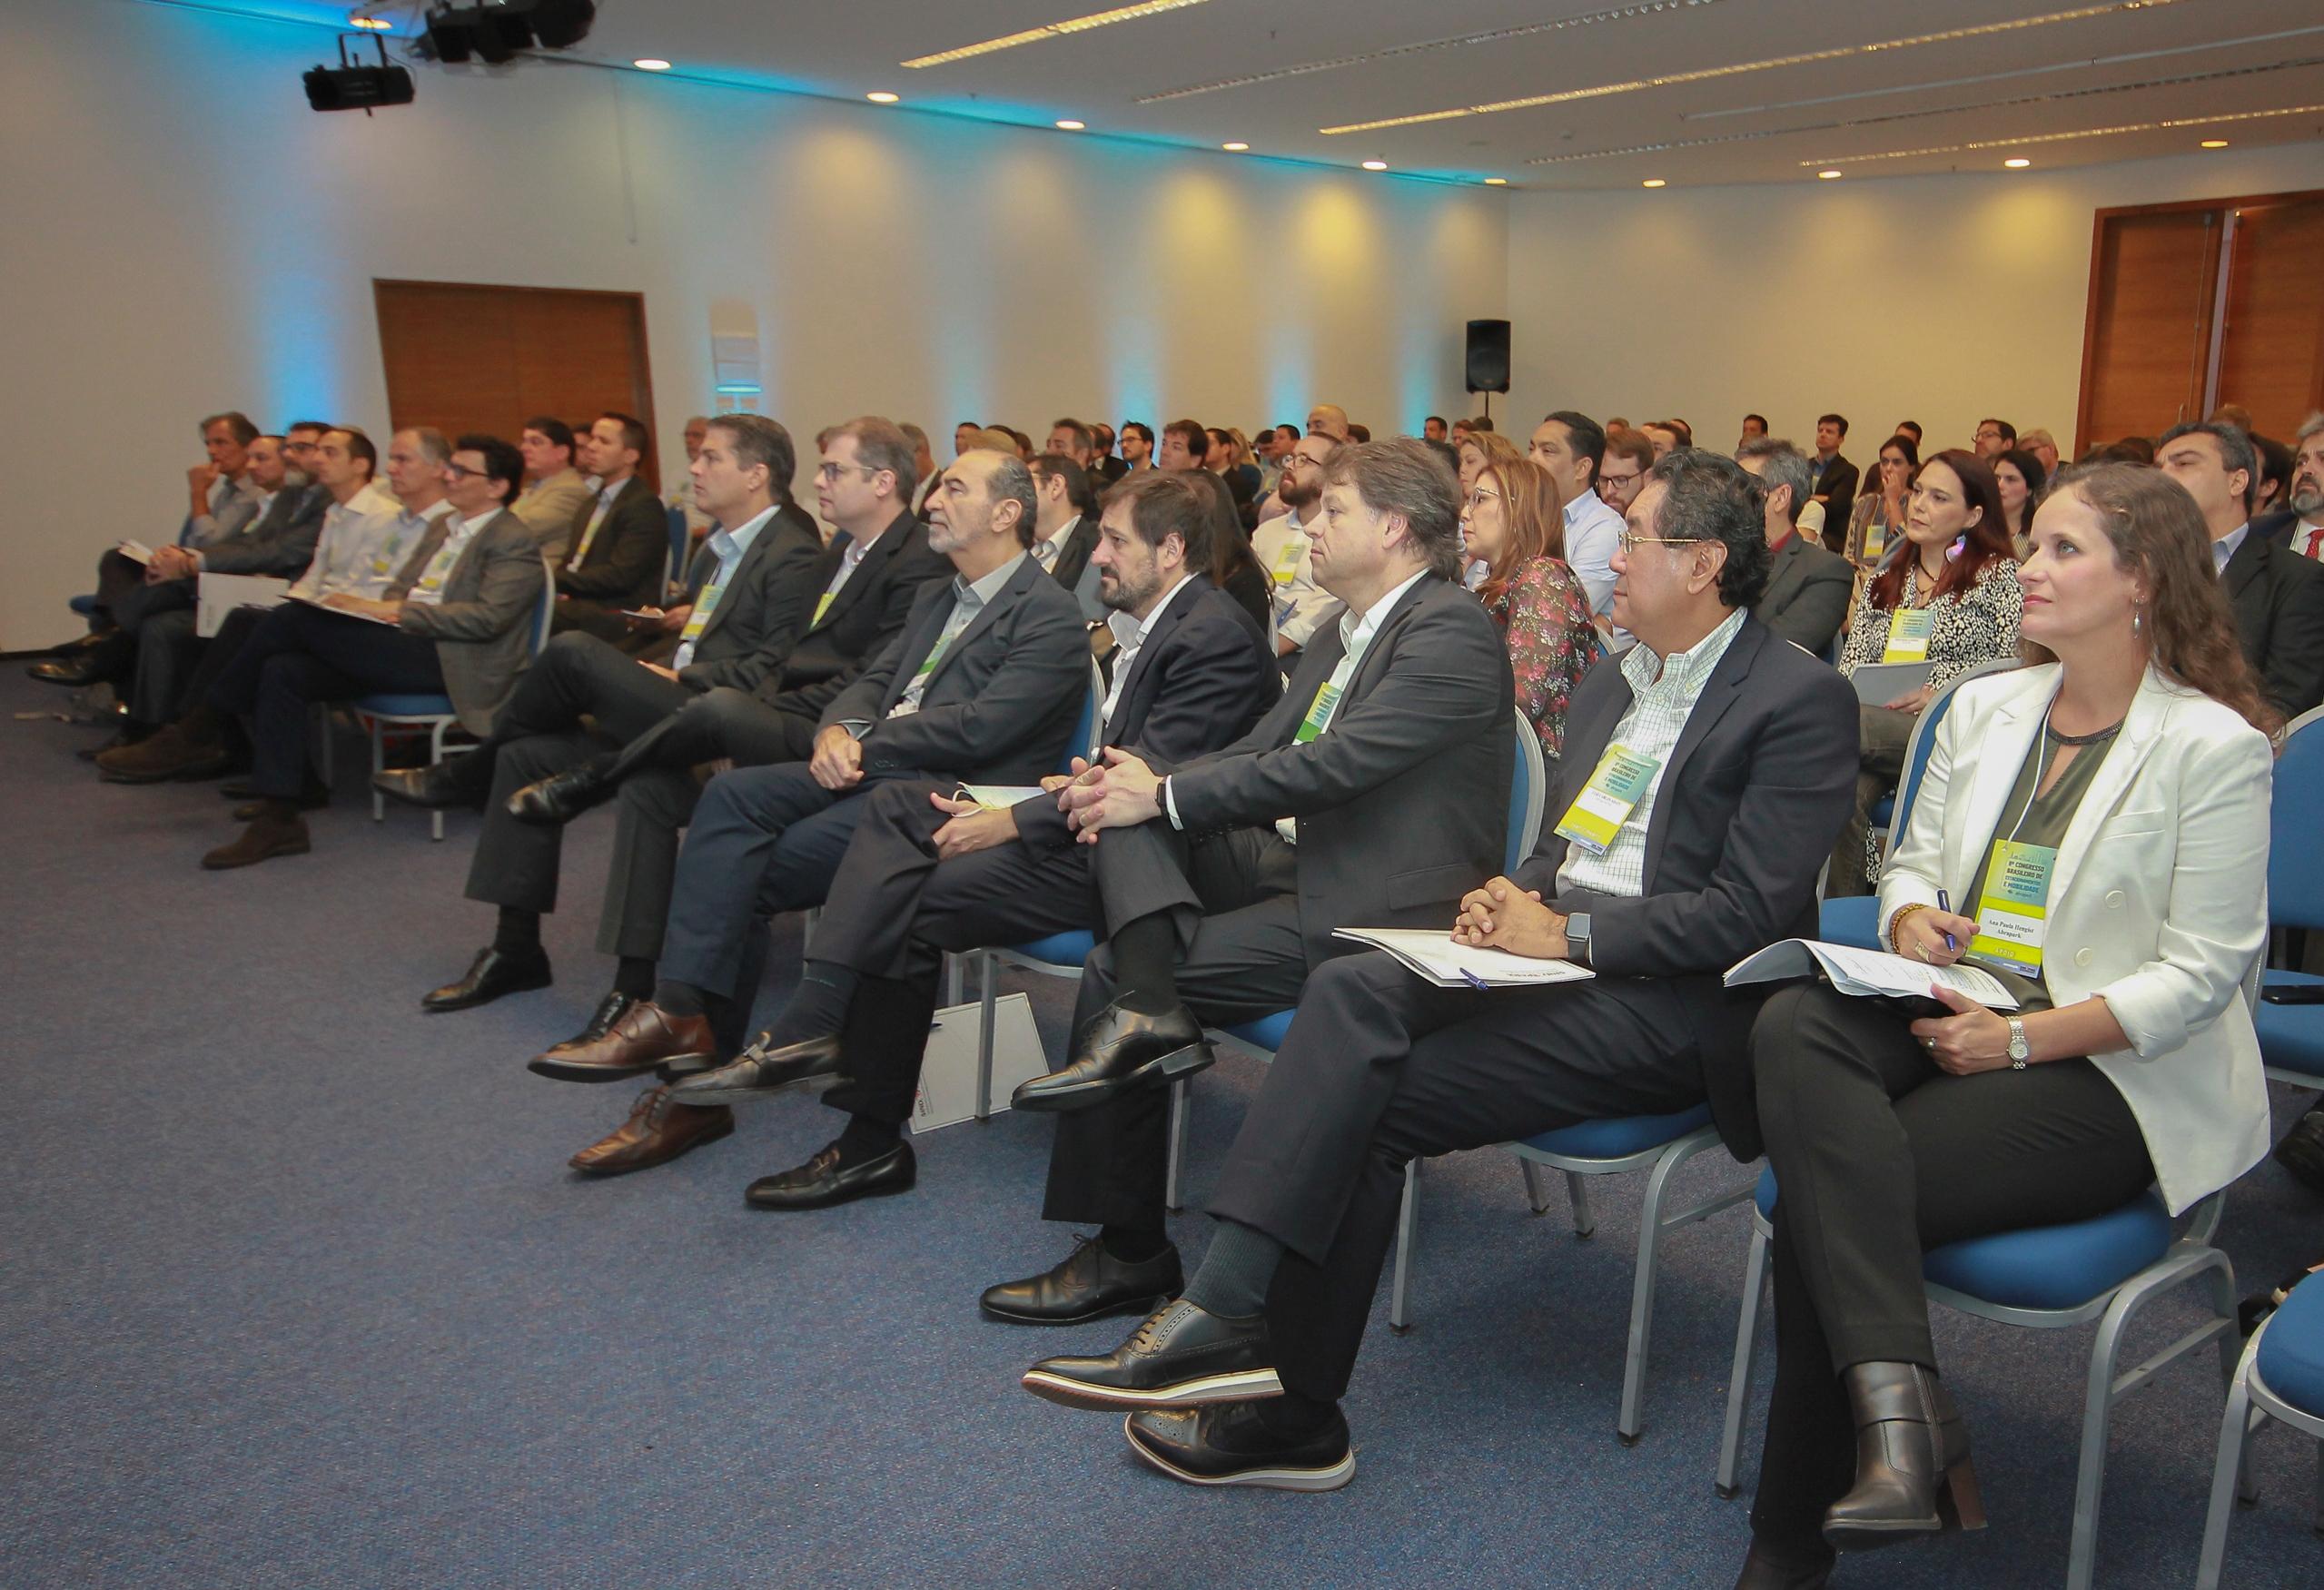 Congresso debate inovações e oportunidades de negócios